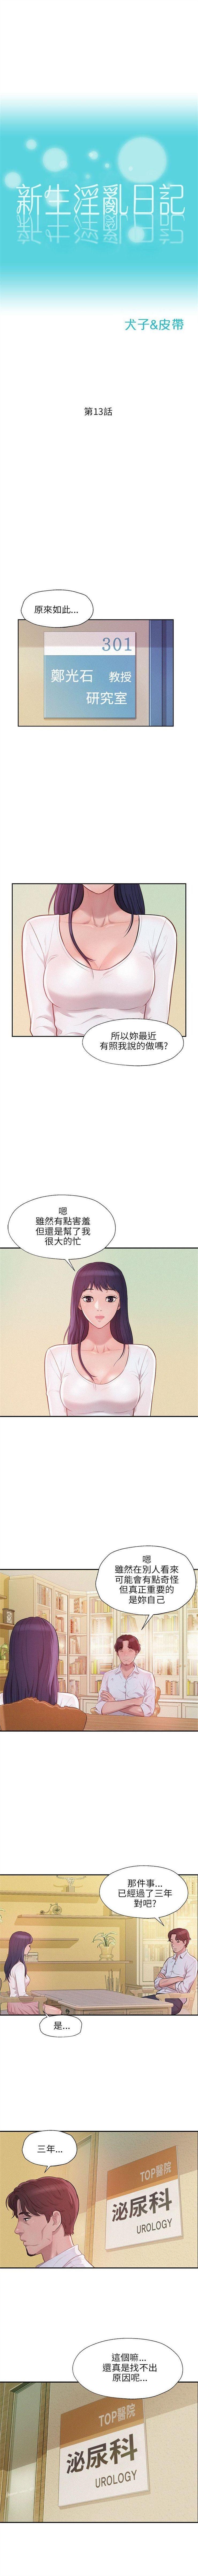 新生淫乱日记 1-61完结(中文) 63